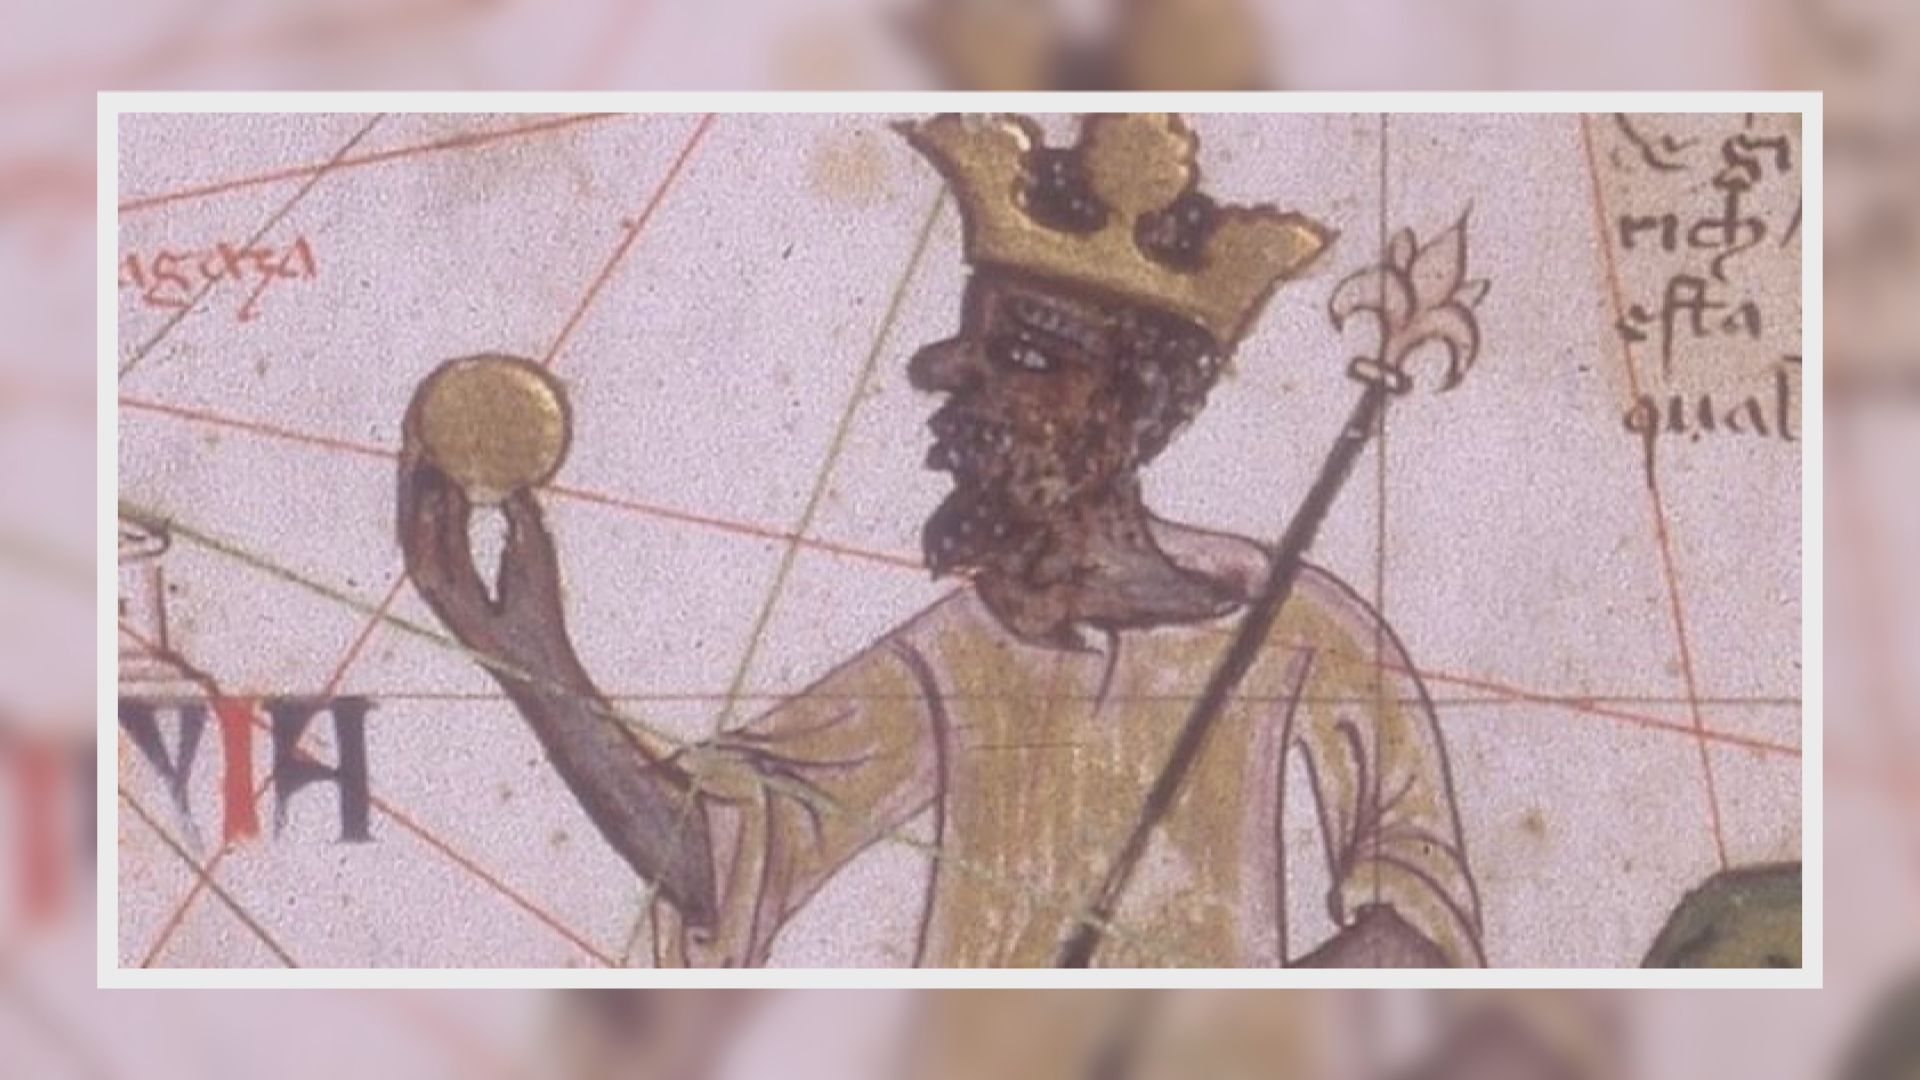 【環球薈報】有史以來最富有的人:馬里帝國曼薩穆薩